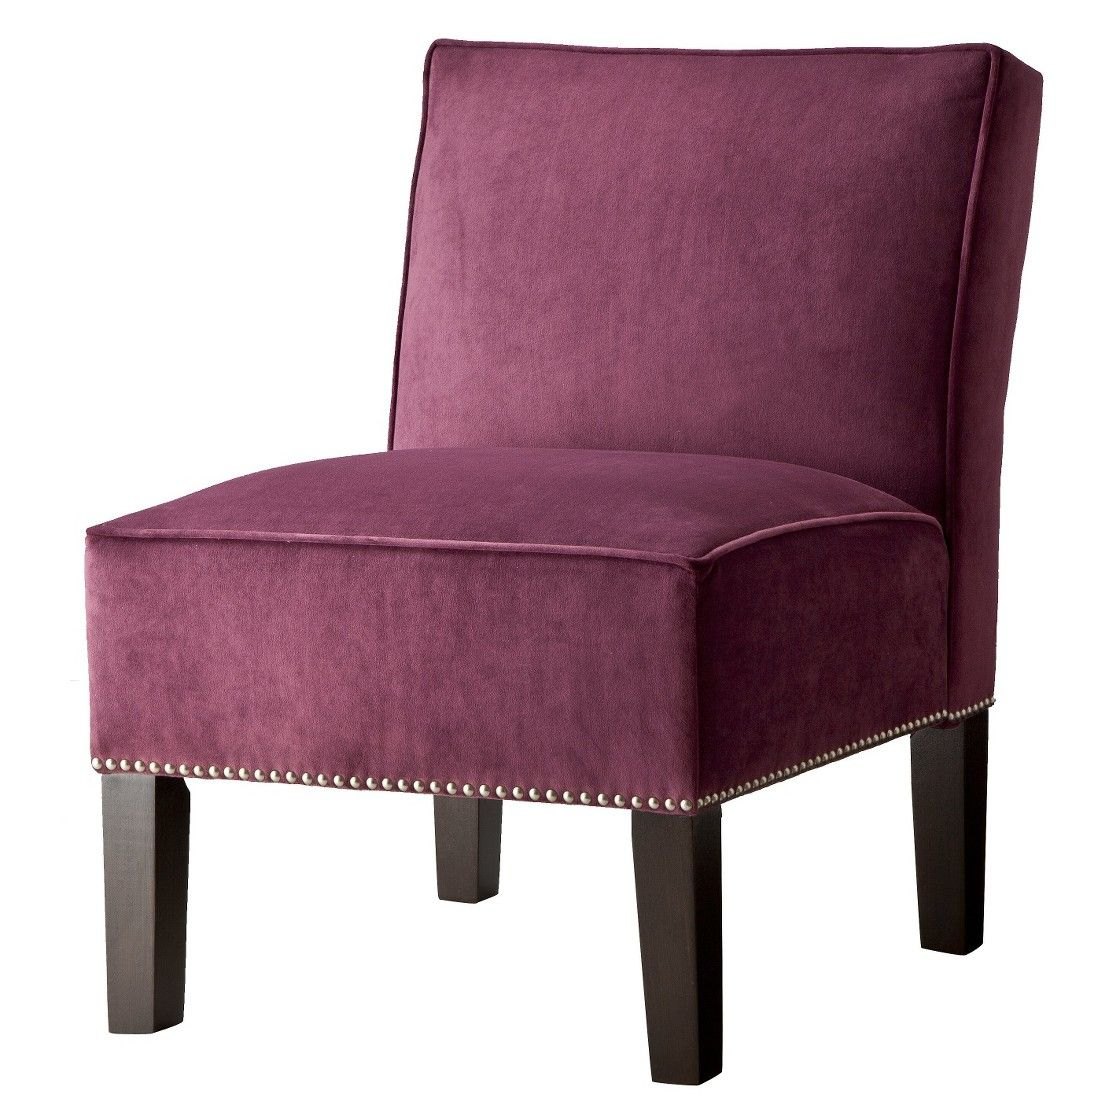 Burke Velvet Slipper Chair with Nailhead Trim